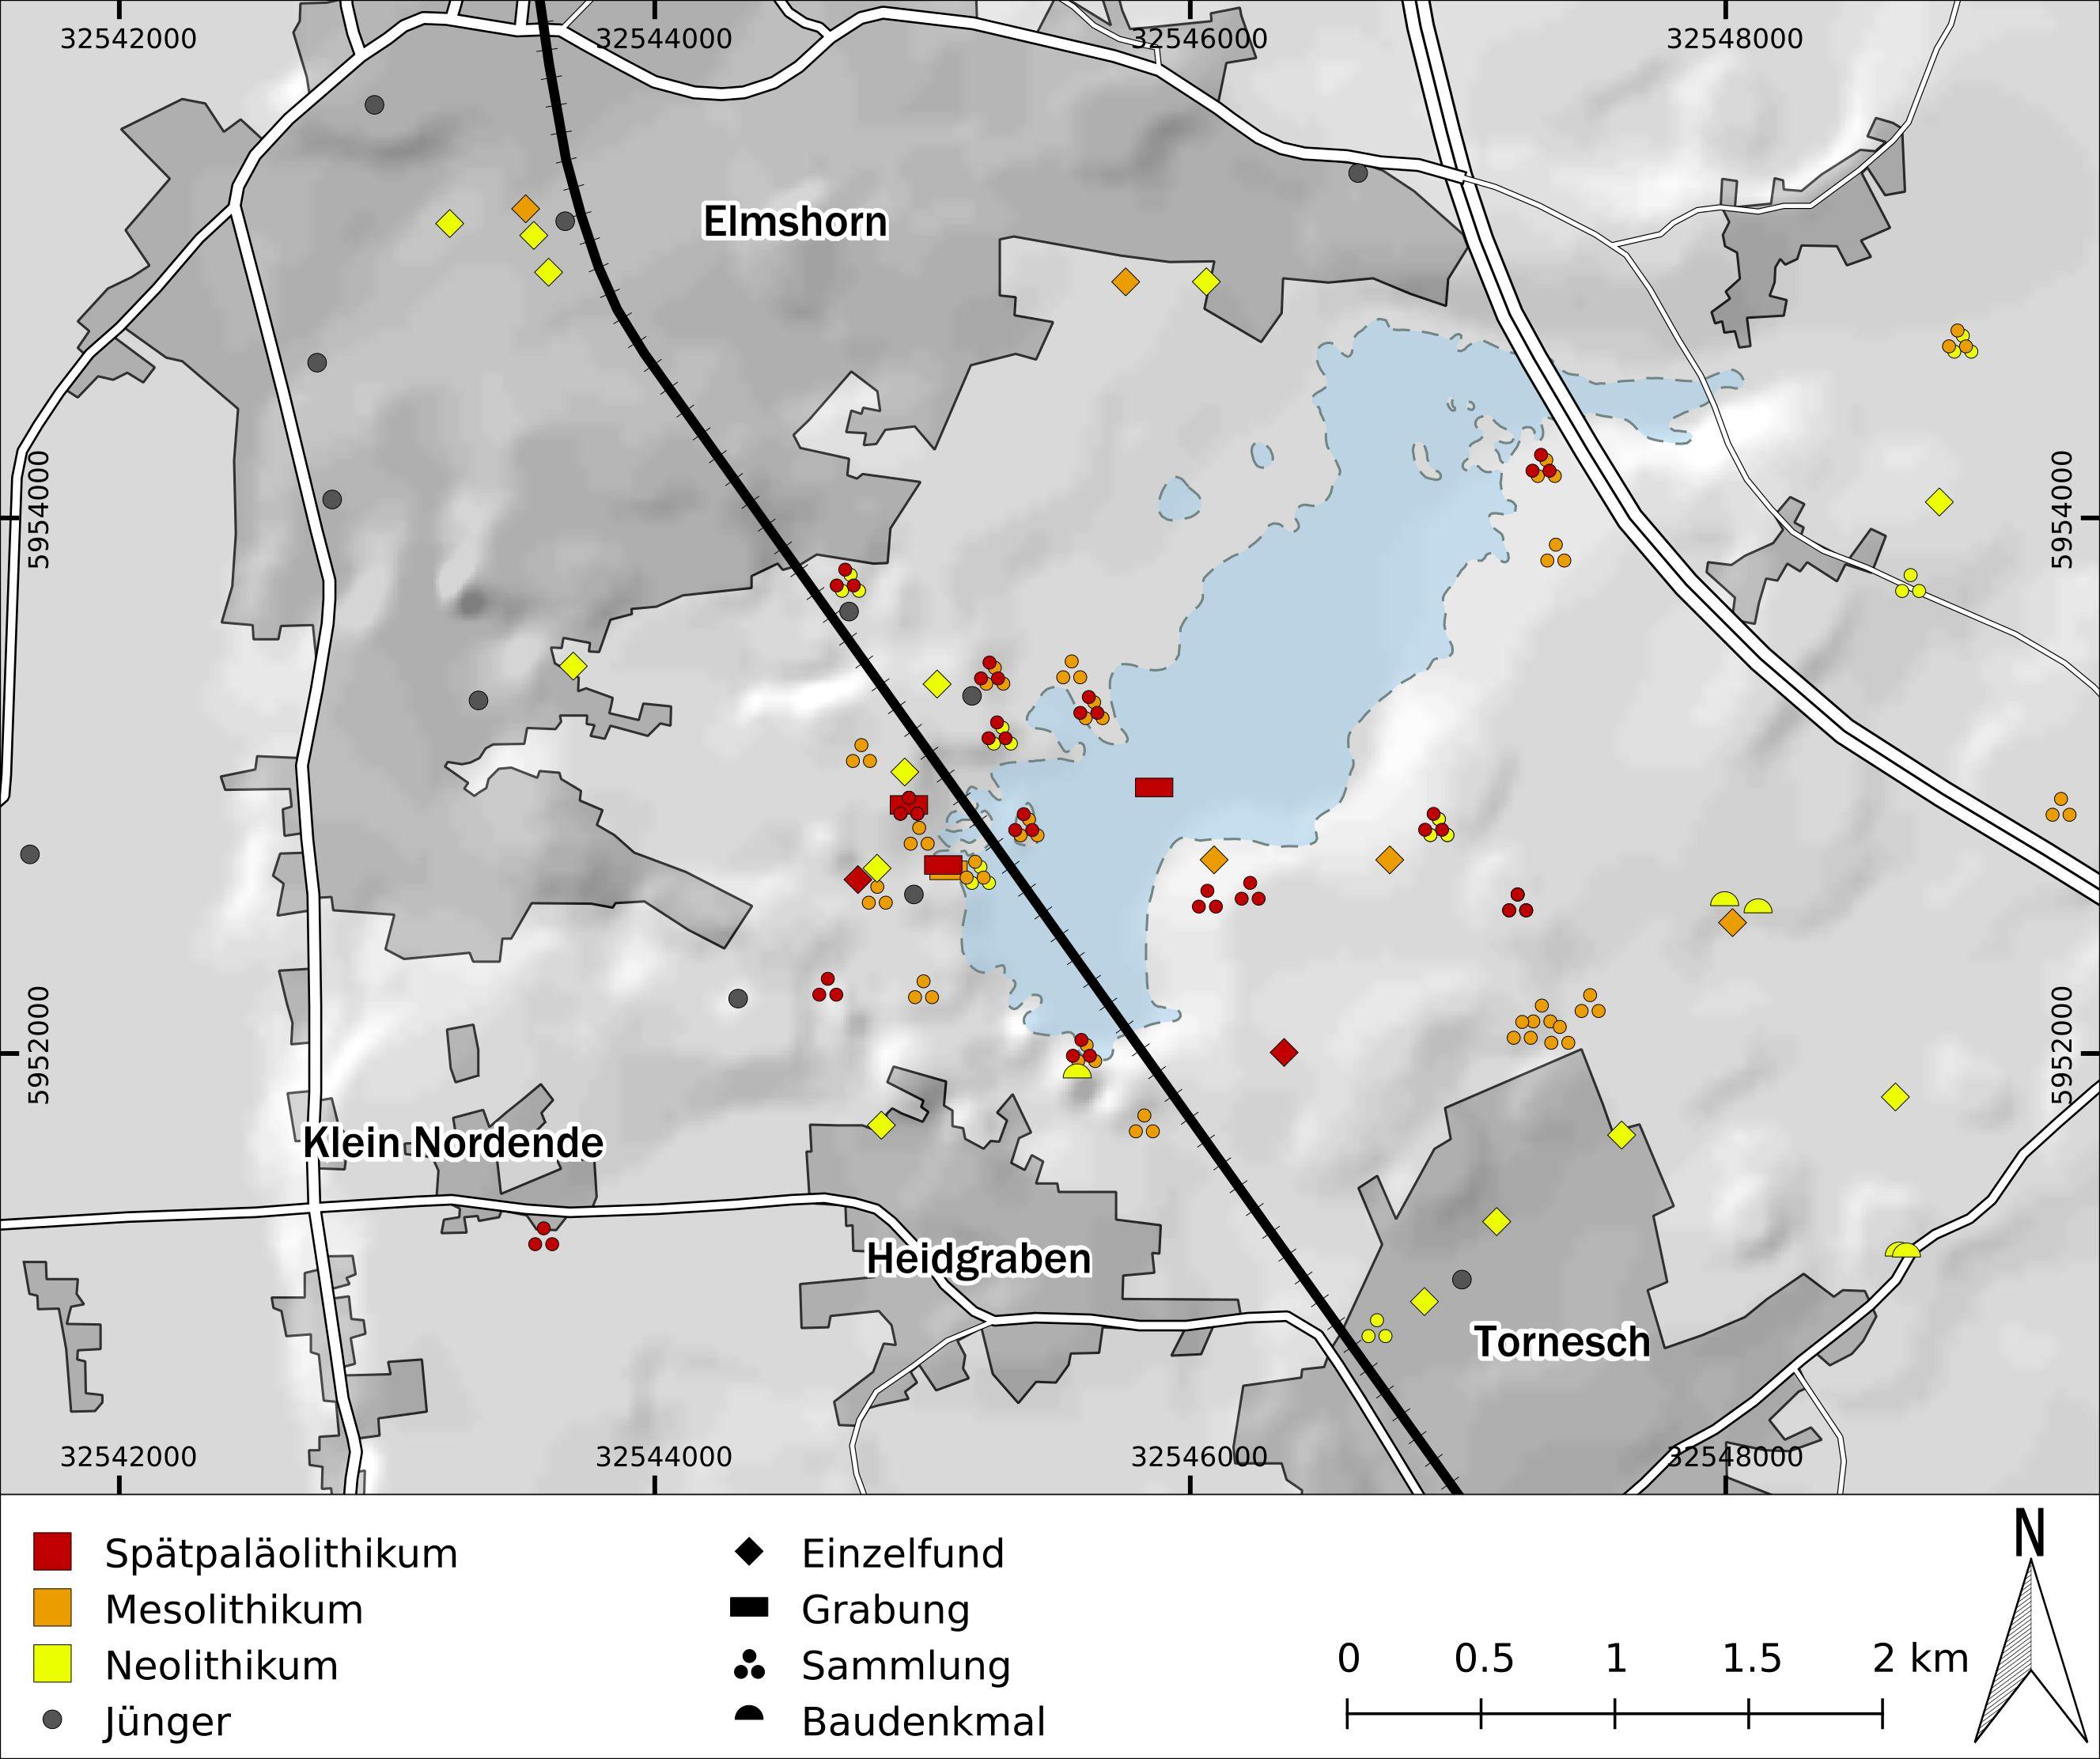 FIG2018-1 Verteilung prähistorischer und historischer Fundorte in der Region des Liether Moors in Bezug auf die mögliche Ausdehnung eines spätpleistozänen Sees (Karte: ZBSA-GIS/ B. Serbe).